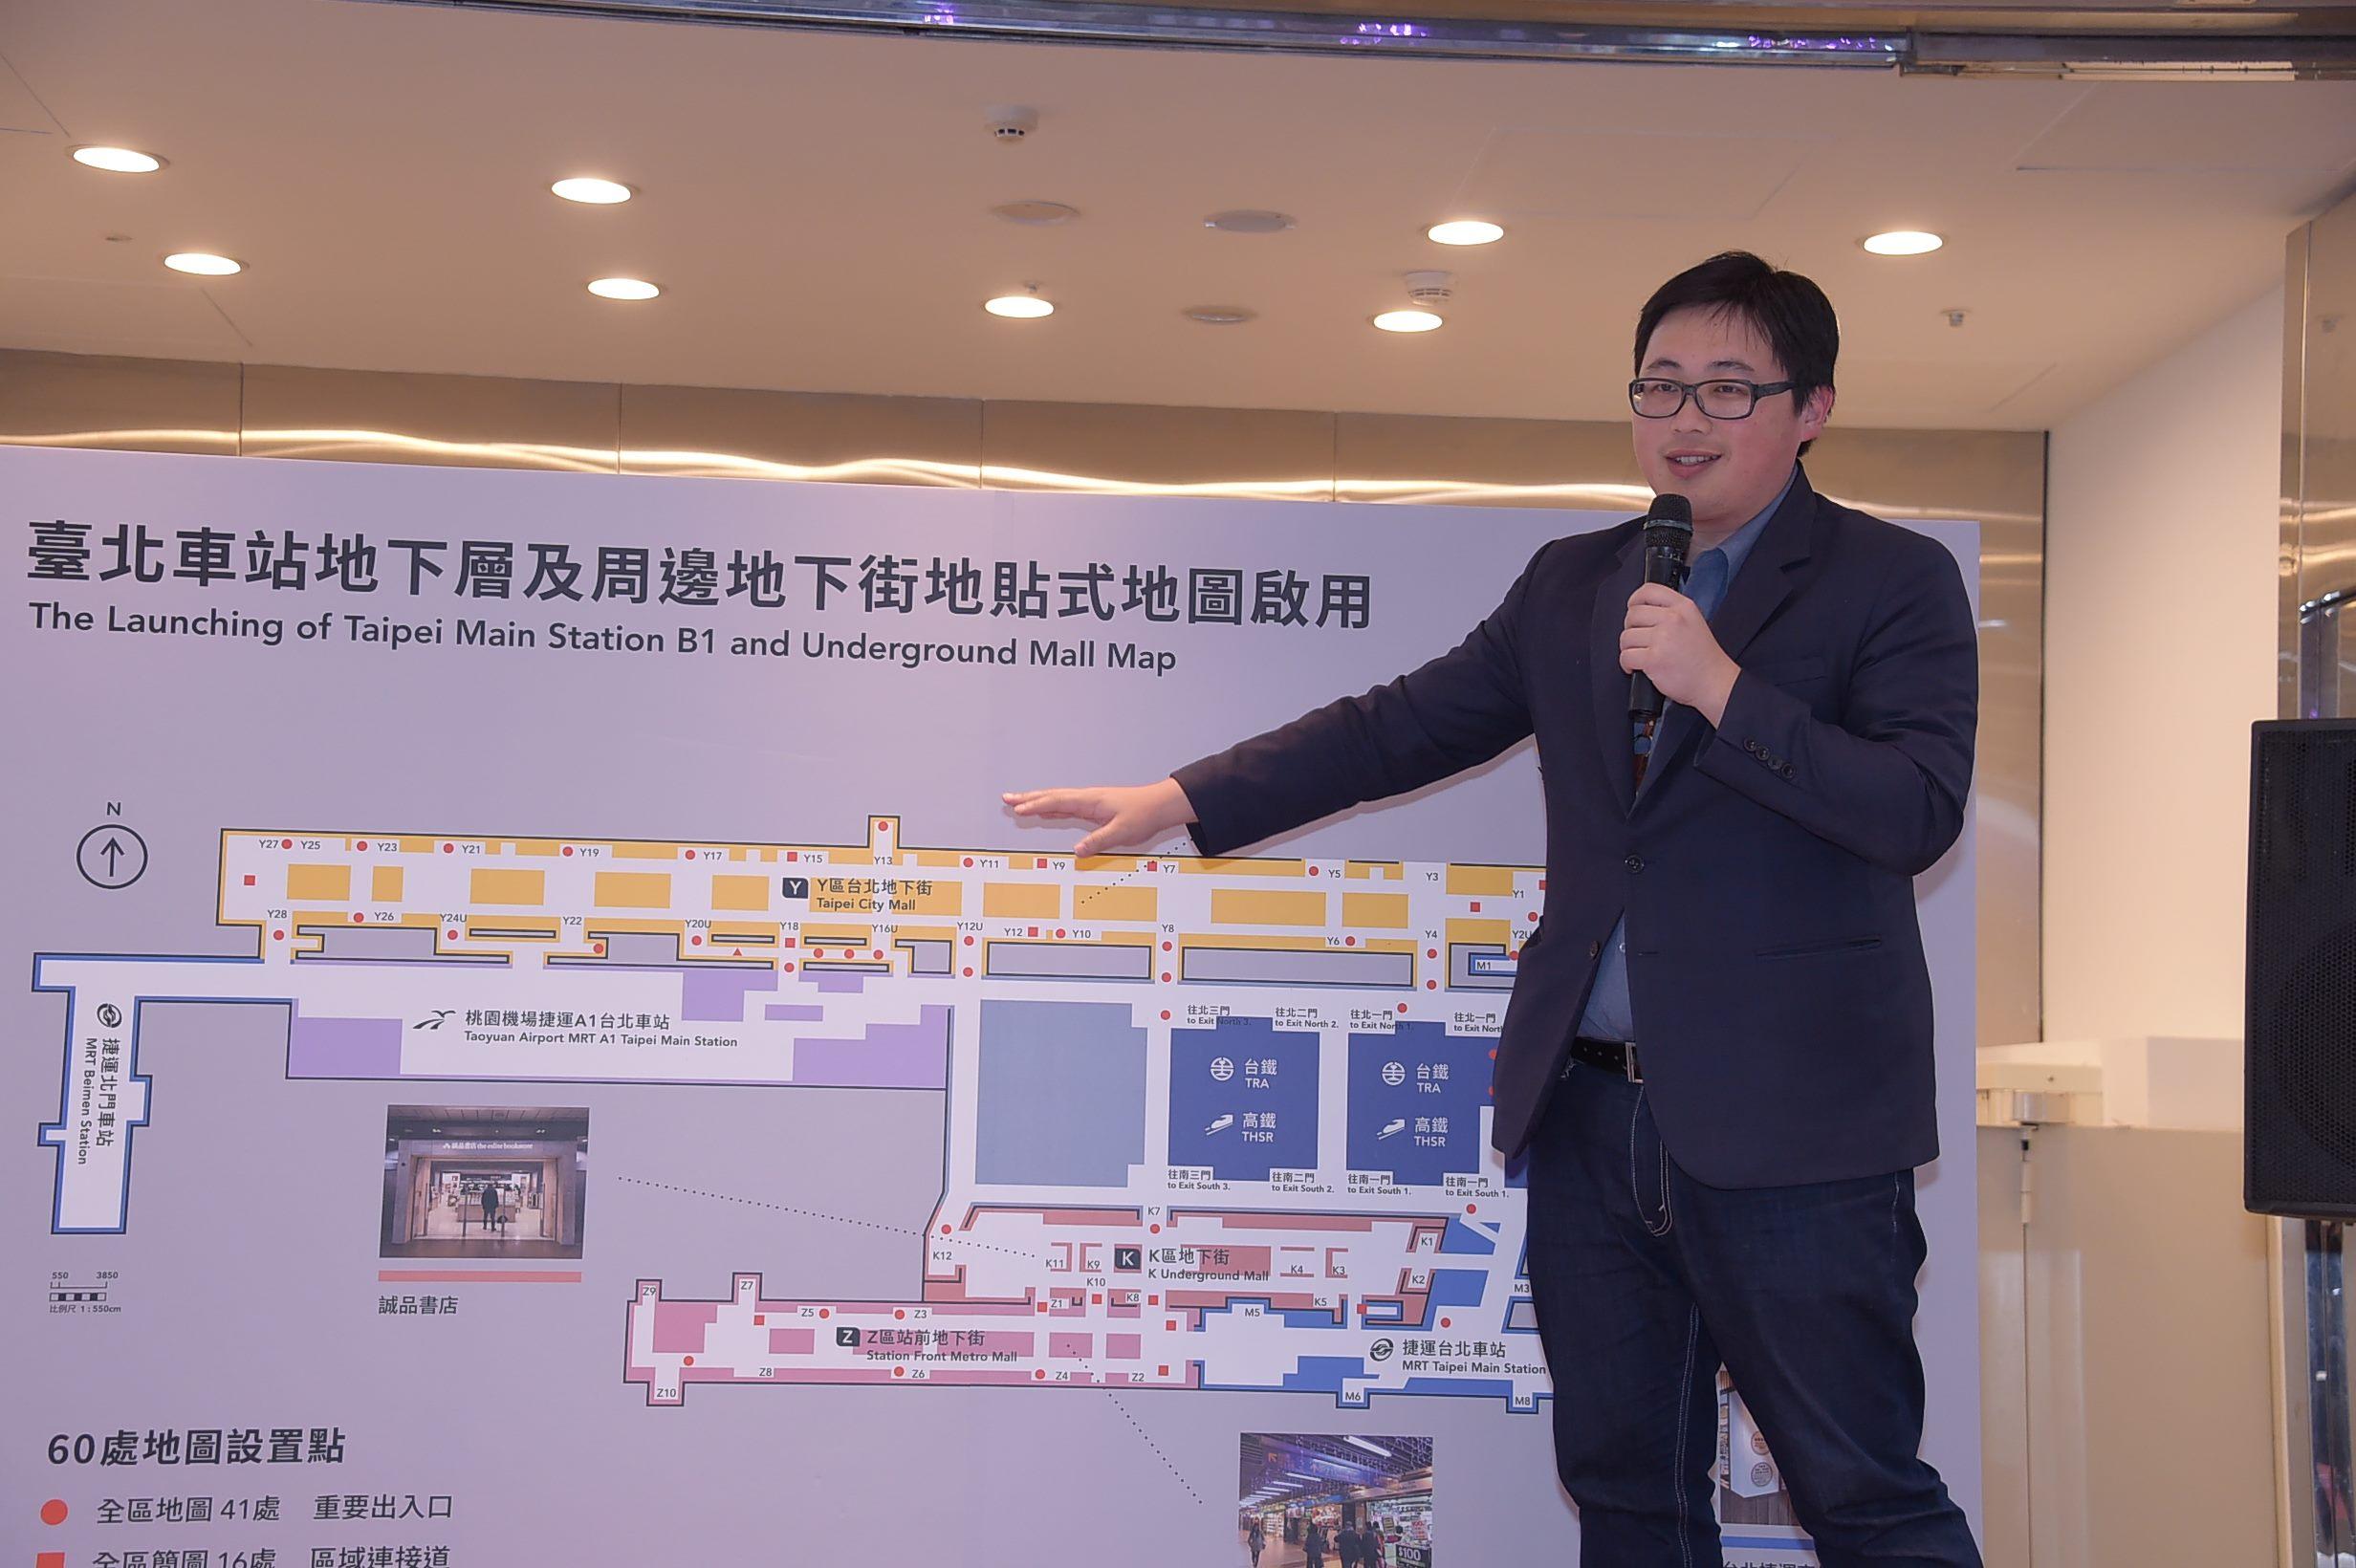 臺北市觀光傳播局局長劉奕霆說明地貼式地圖帶給市民很多方便。